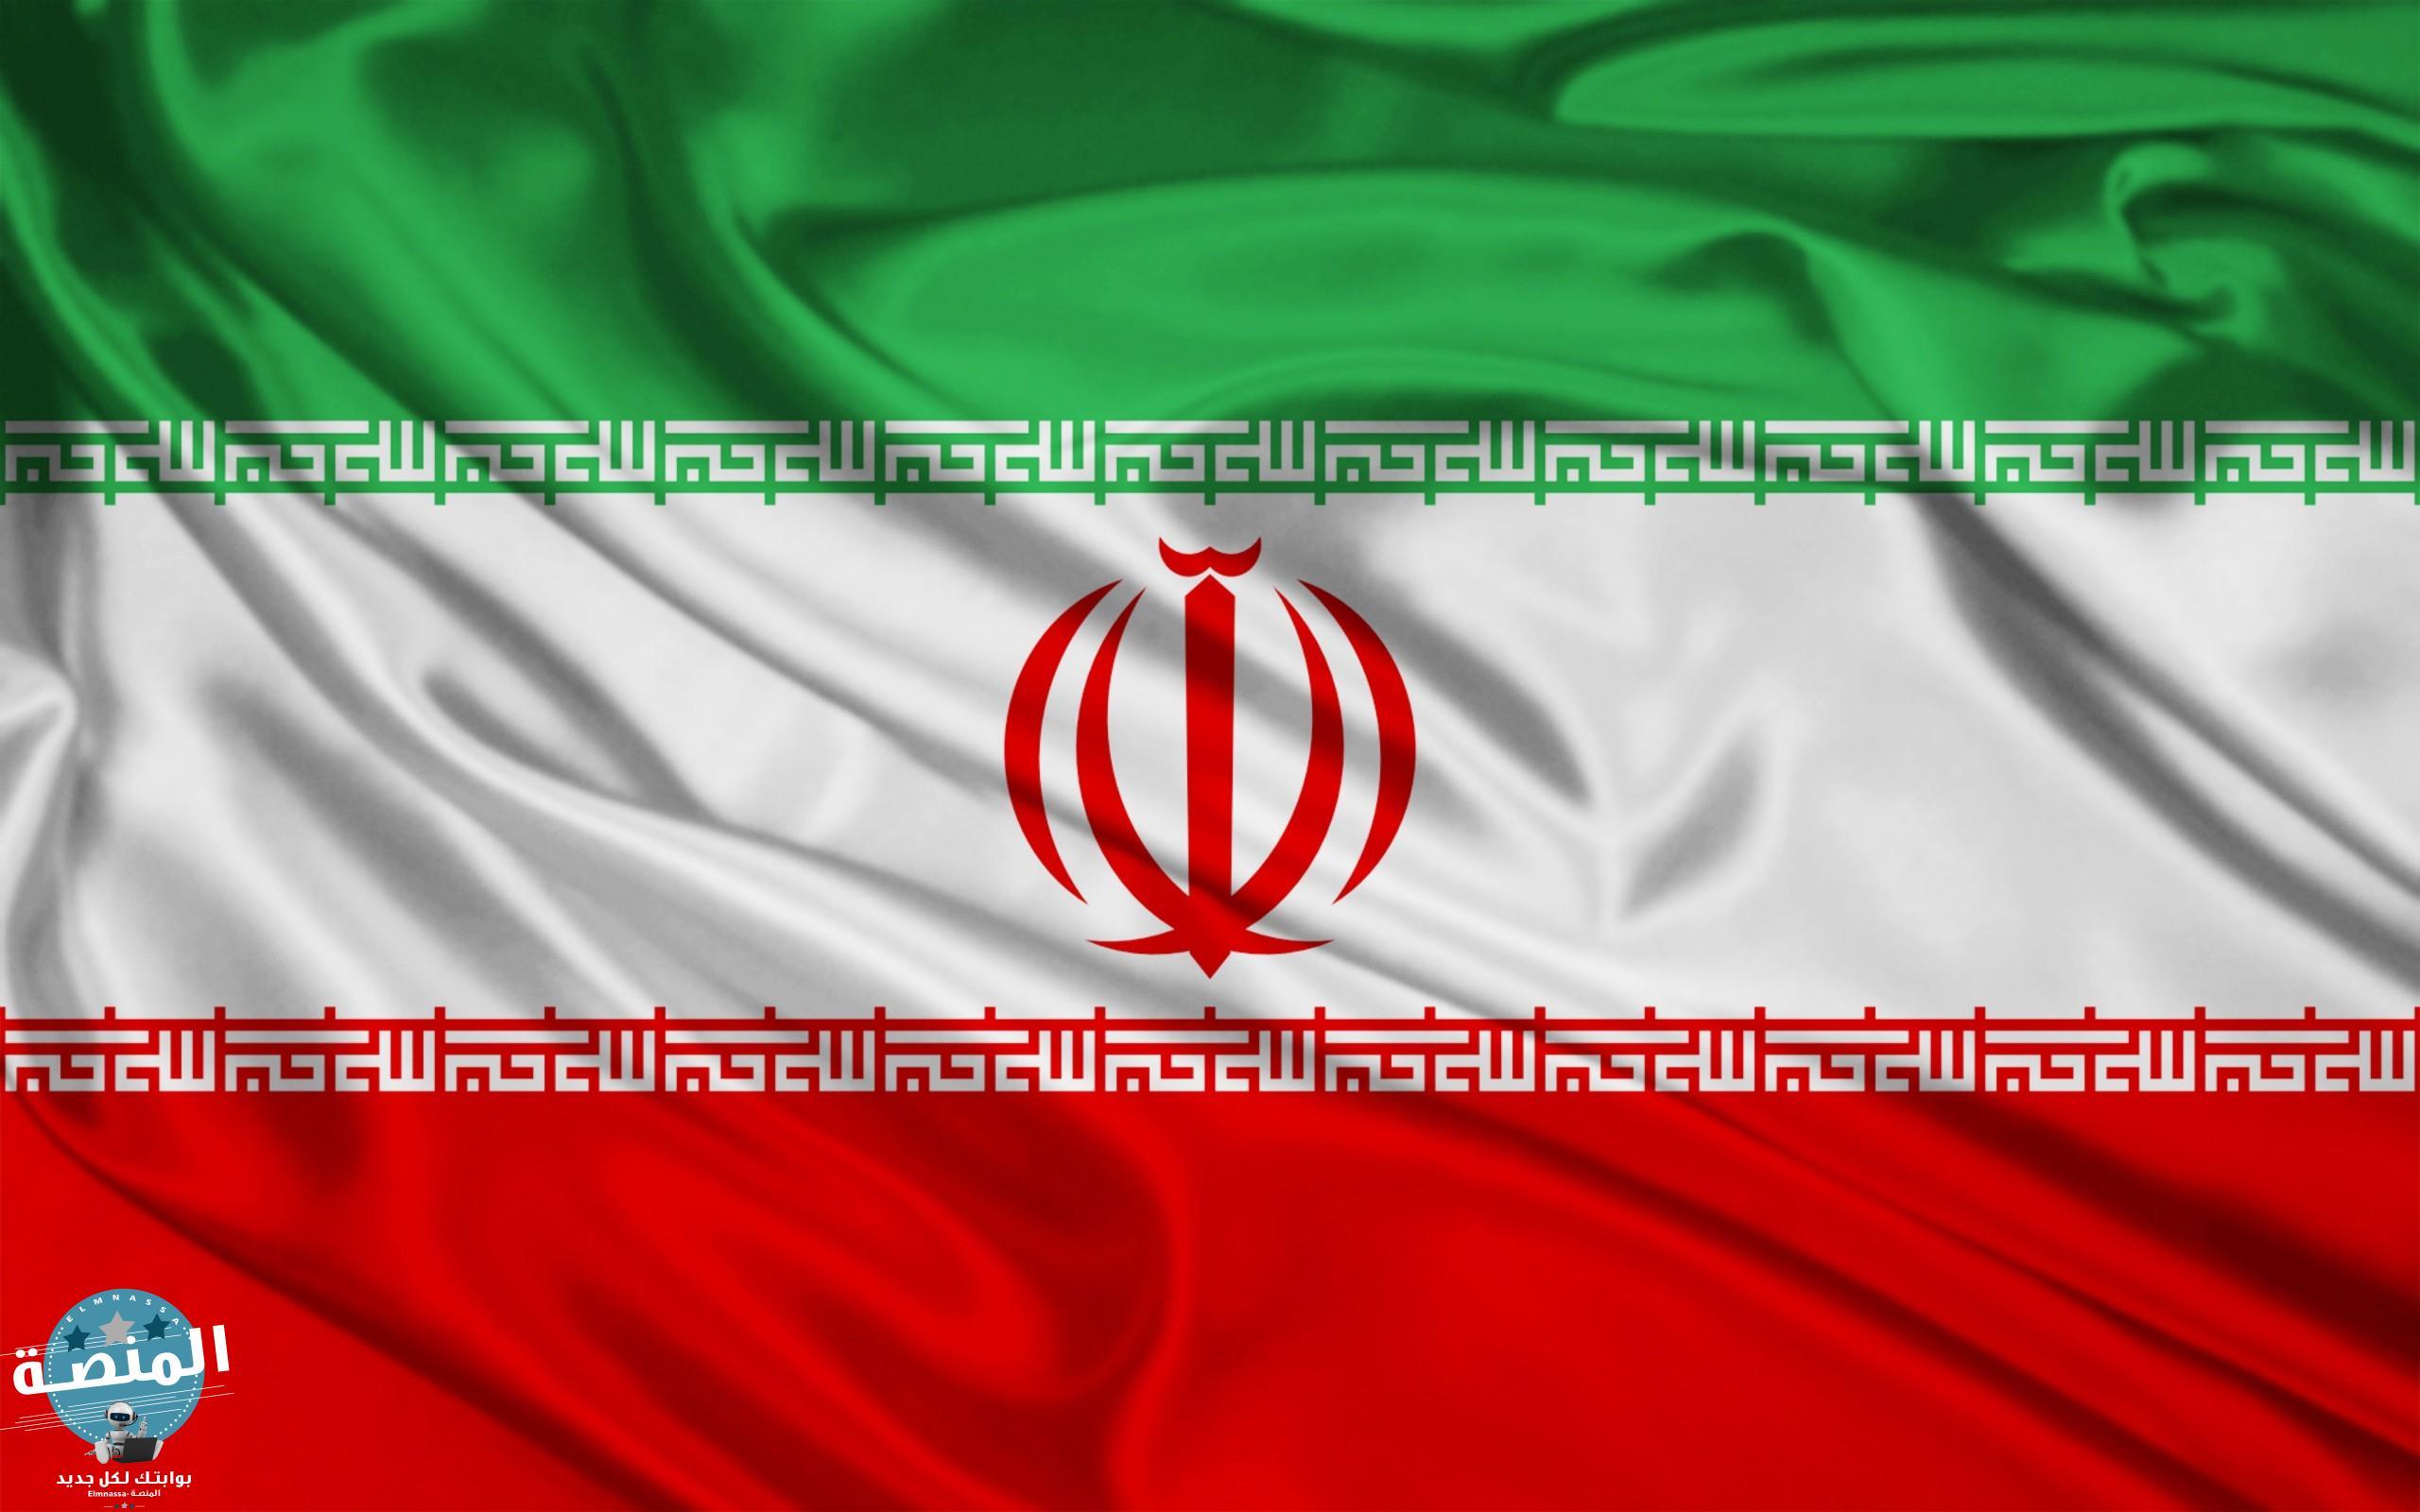 تاريخ إيران و معلومات عن الدولة الإيرانية